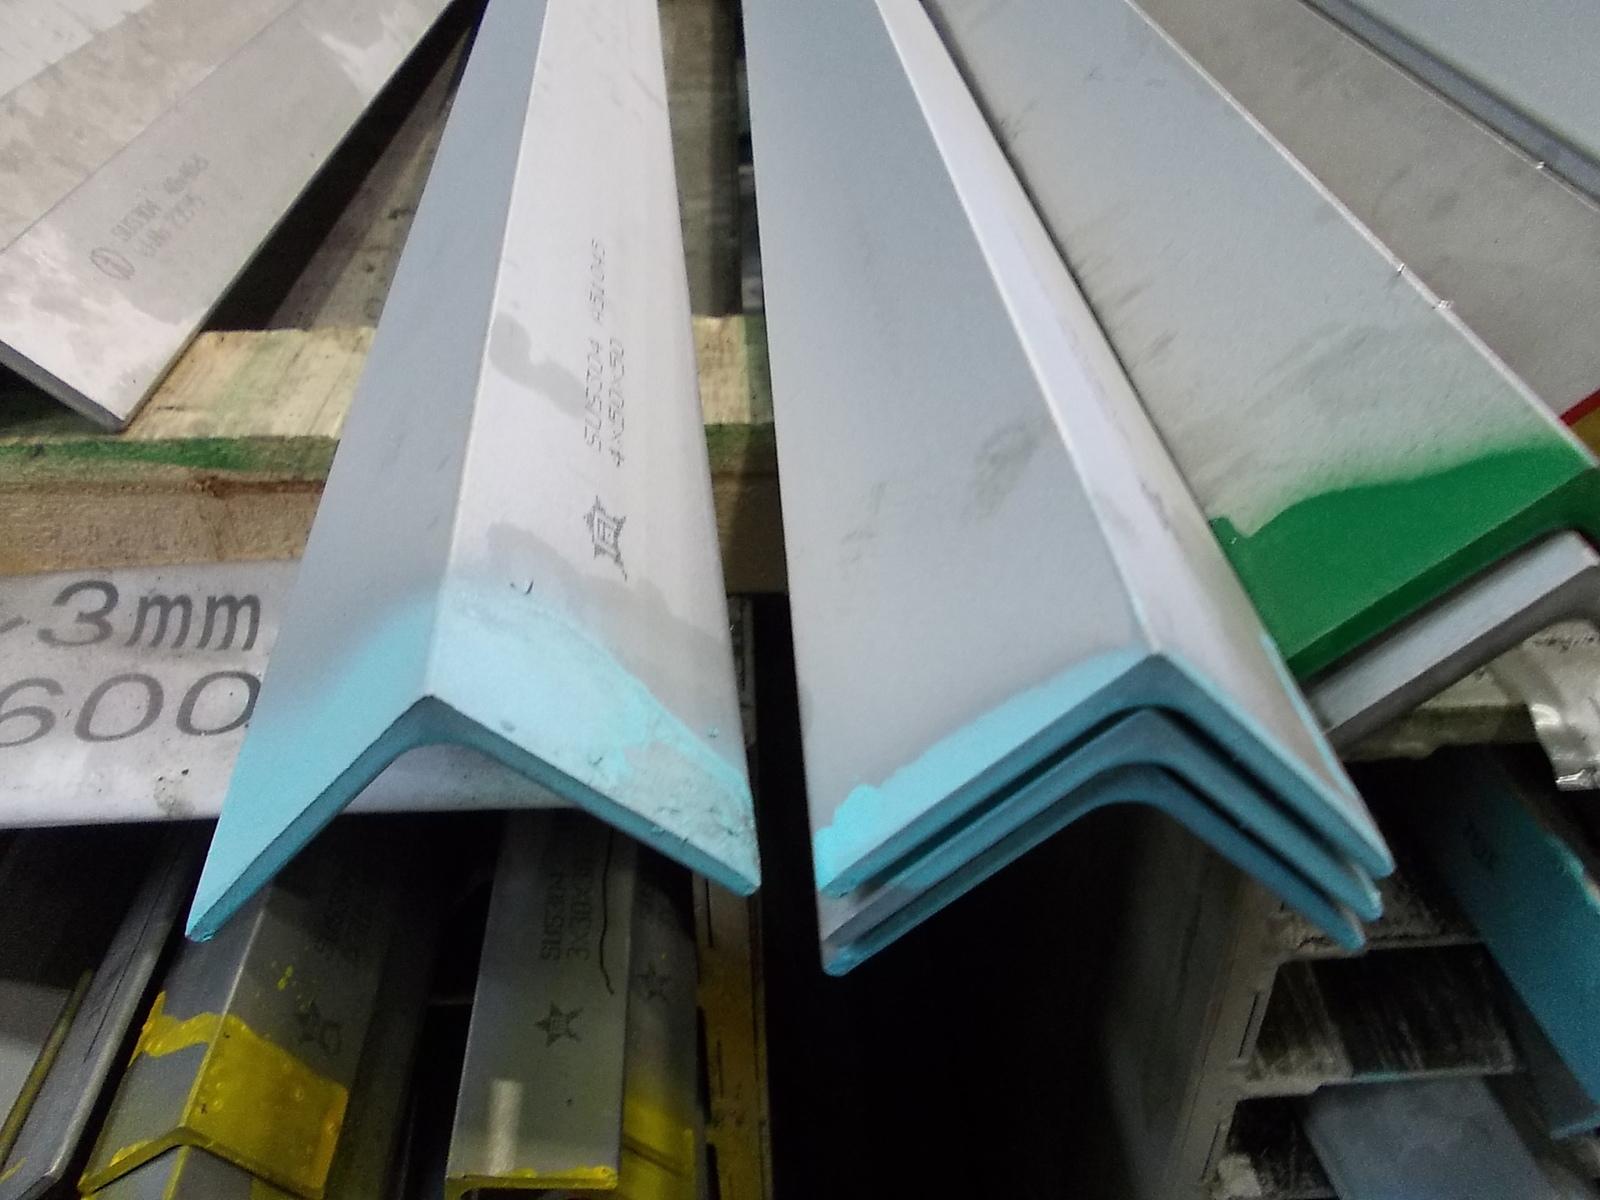 DIY 商品追加値下げ在庫復活 日曜大工 メーカー公式 補修などに使用される ステンレスの代表的 一般鋼種 ステンレス 5x40x40x300 304 SUS アングル